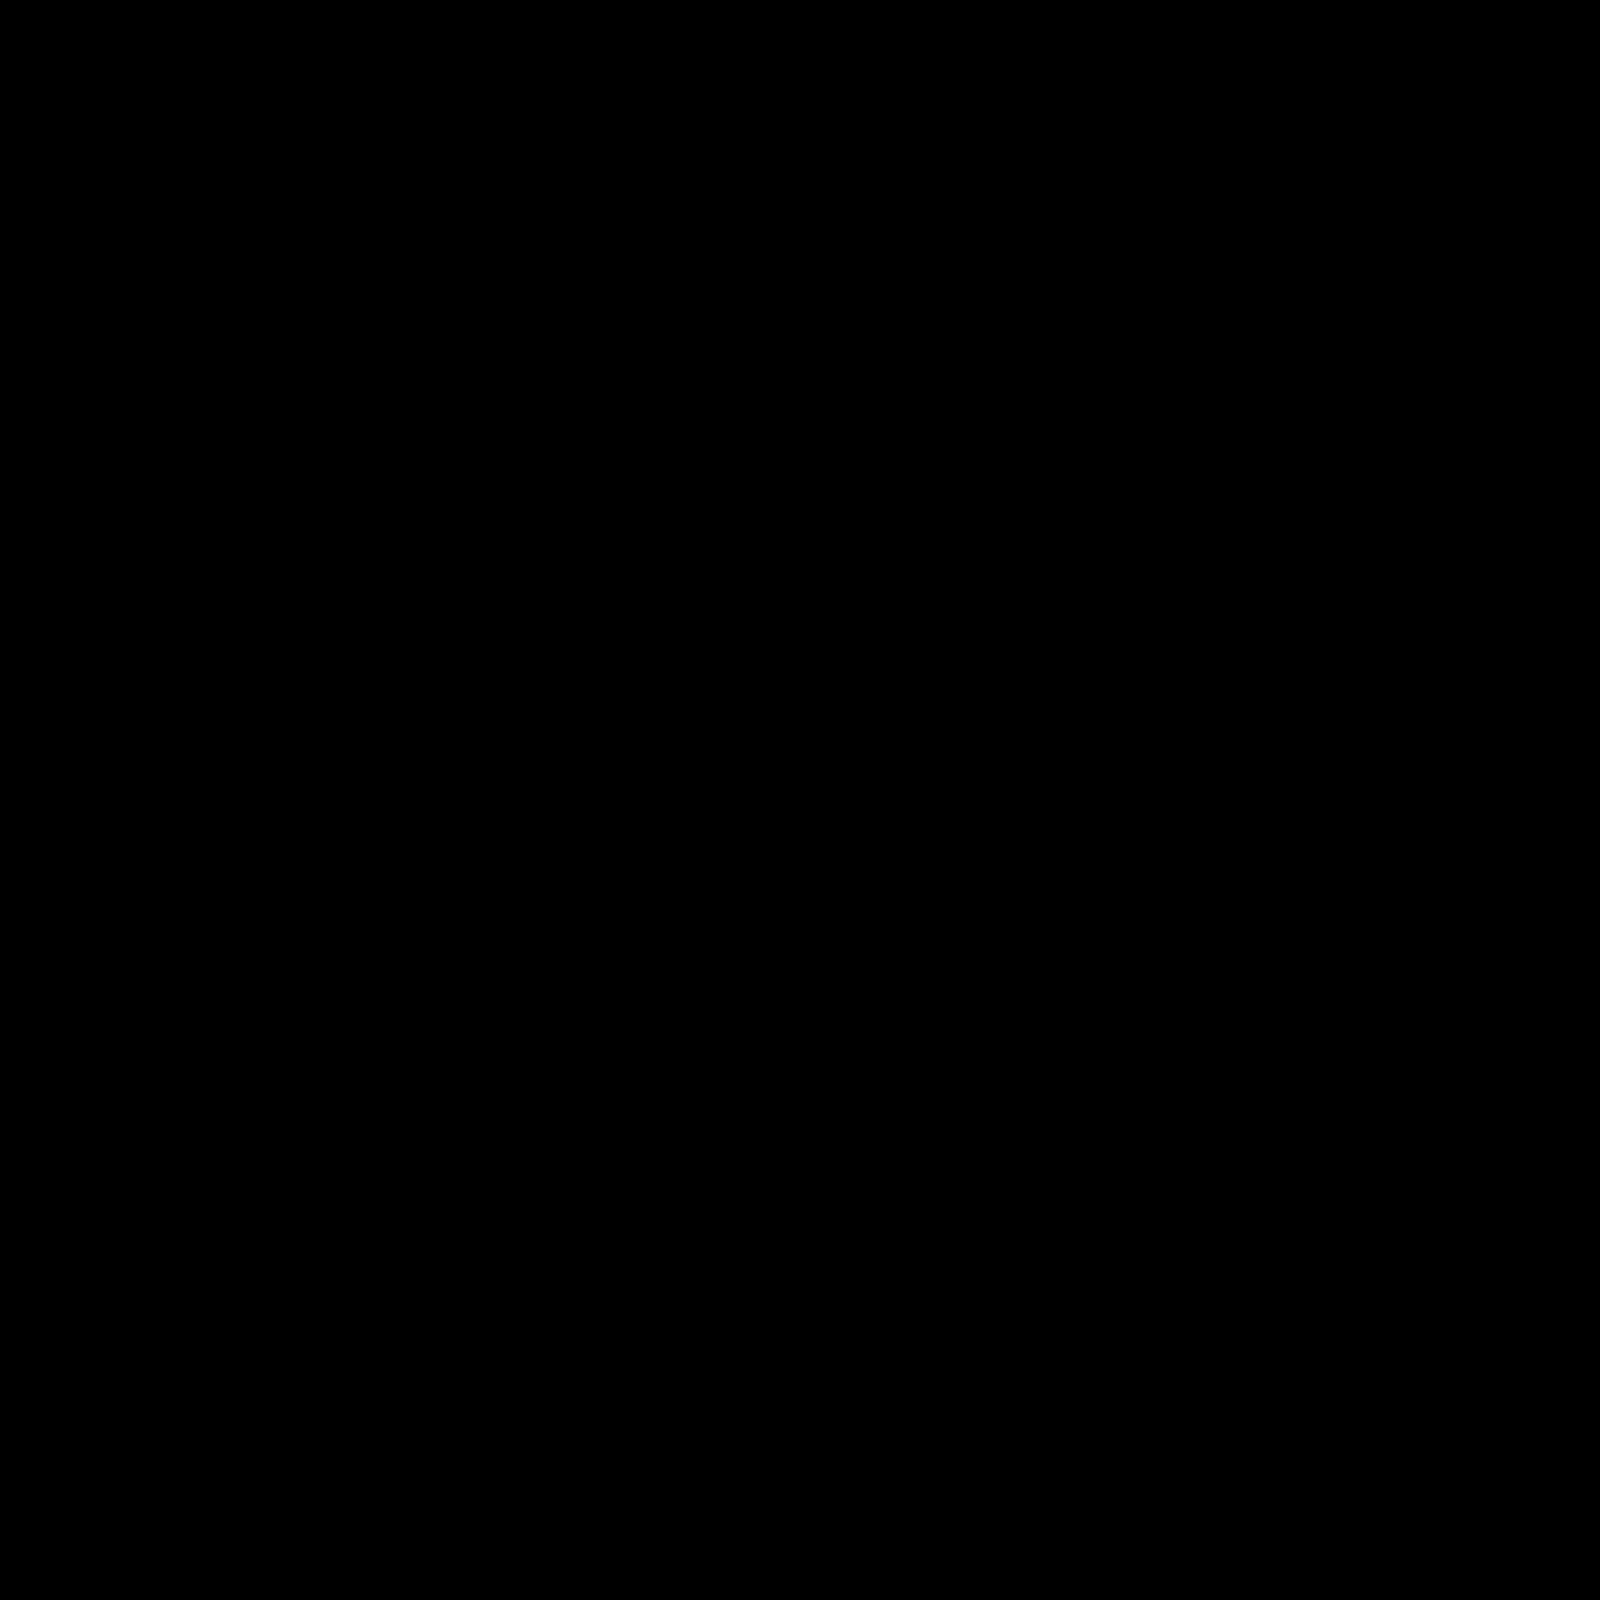 实心圈9 icon